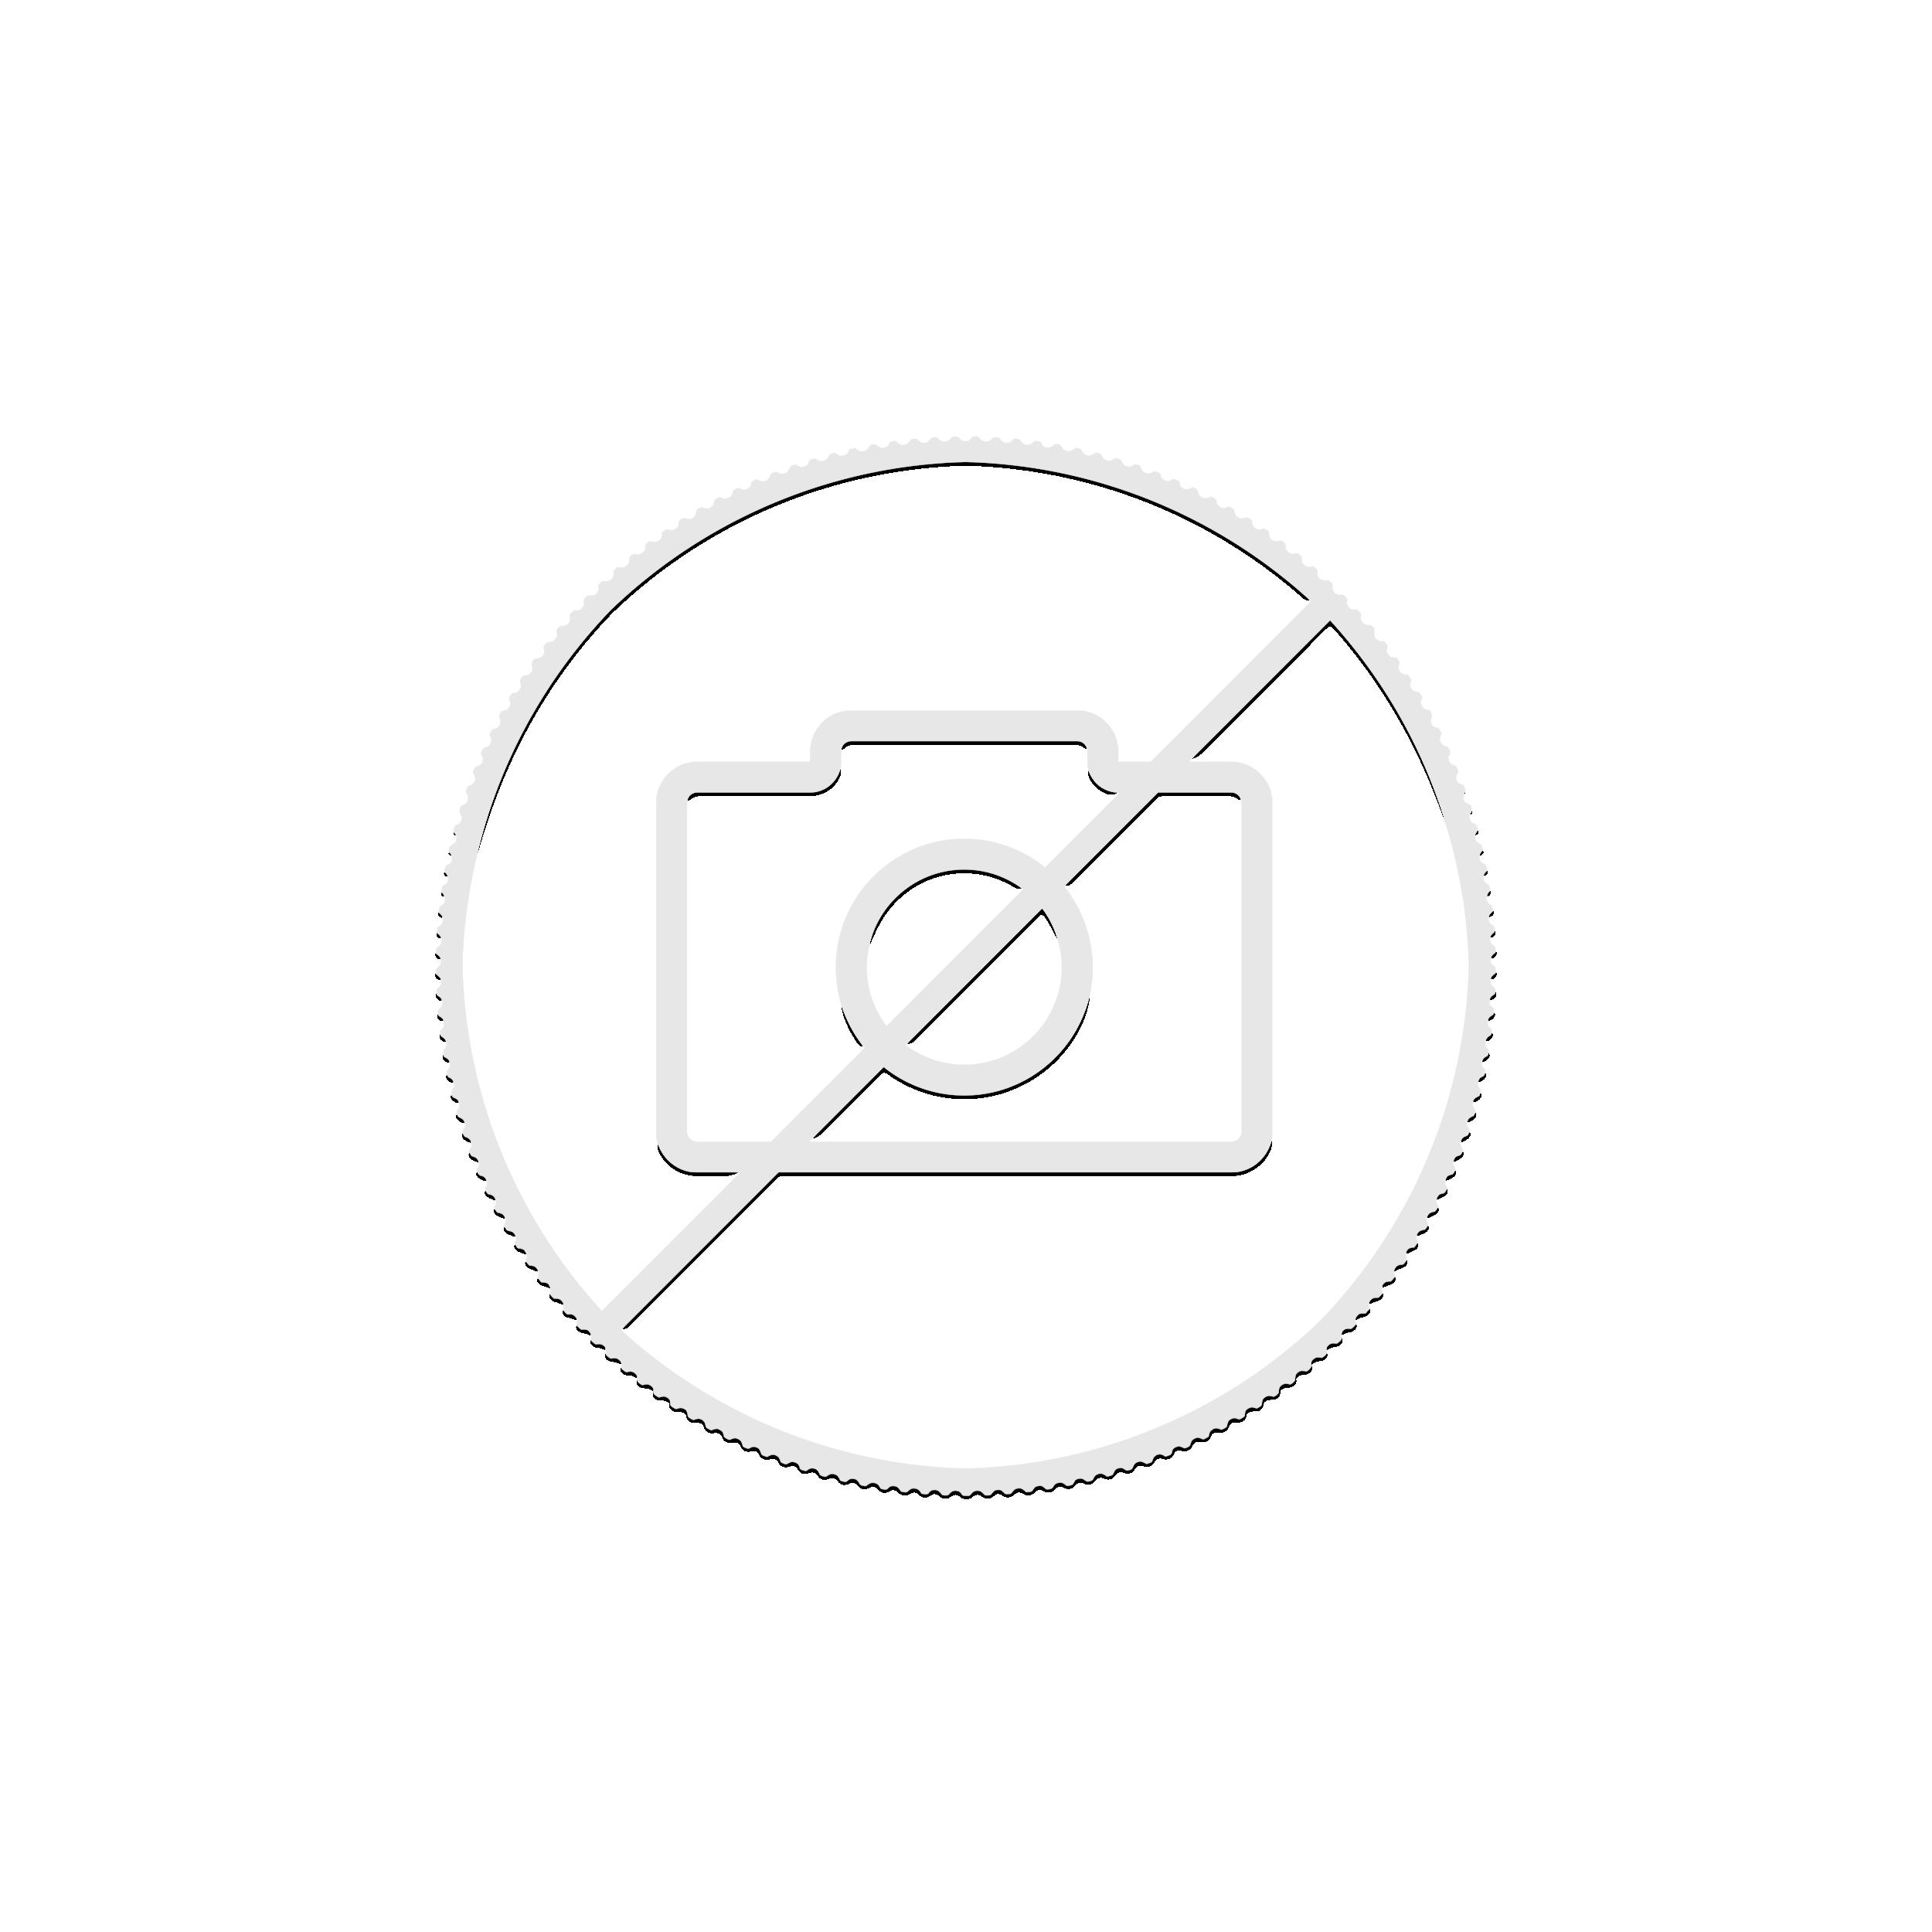 1 Troy ounce zilveren munt Kookaburra 2020